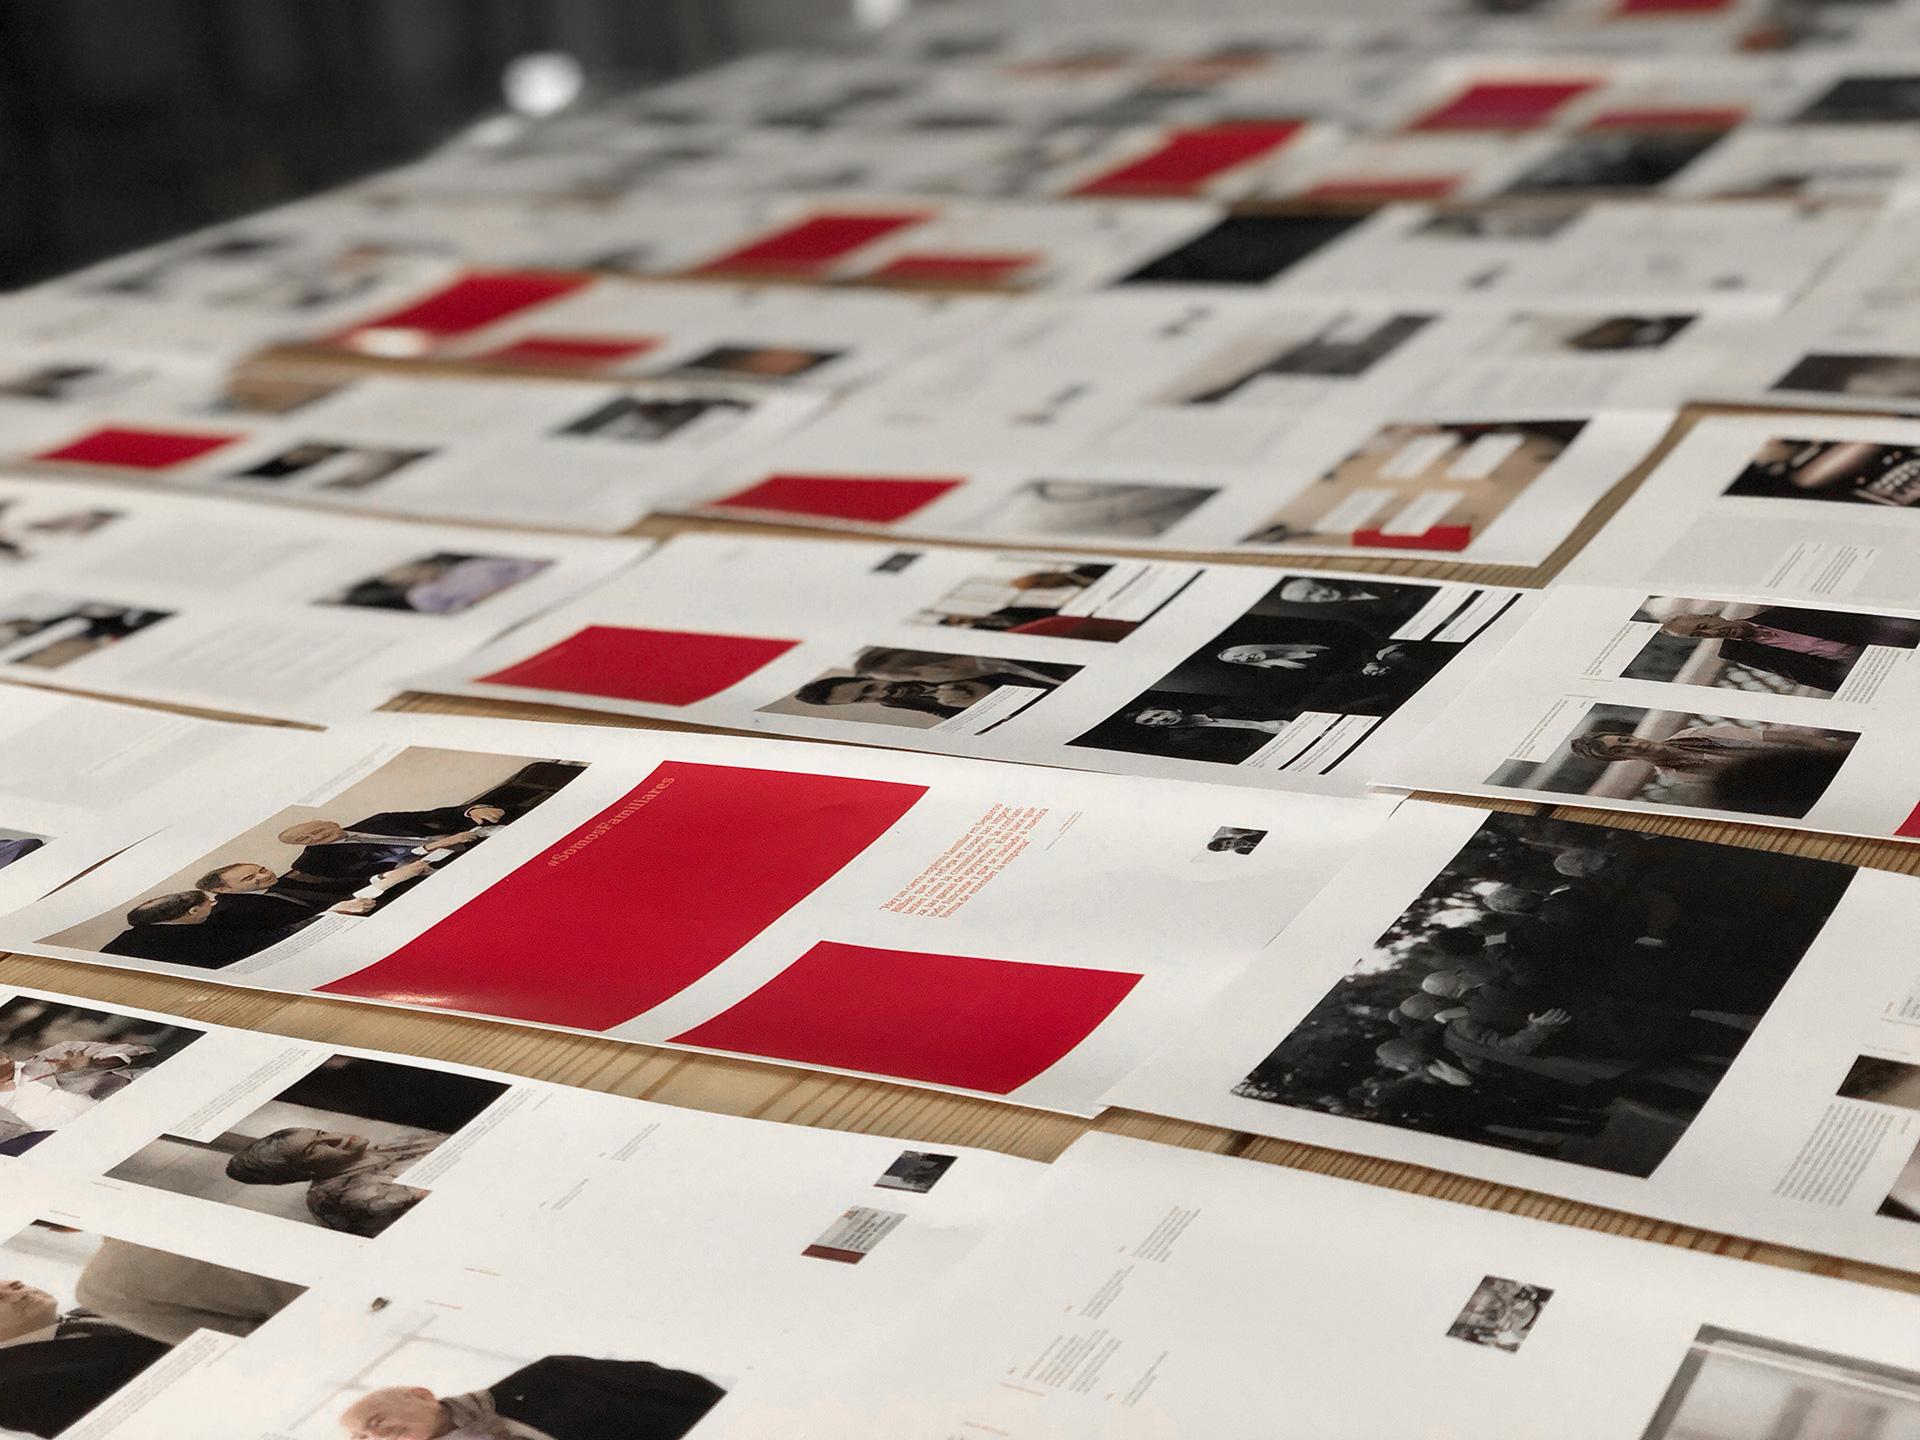 Seguros Bilbao Centenario Diseño editorial plano cerca